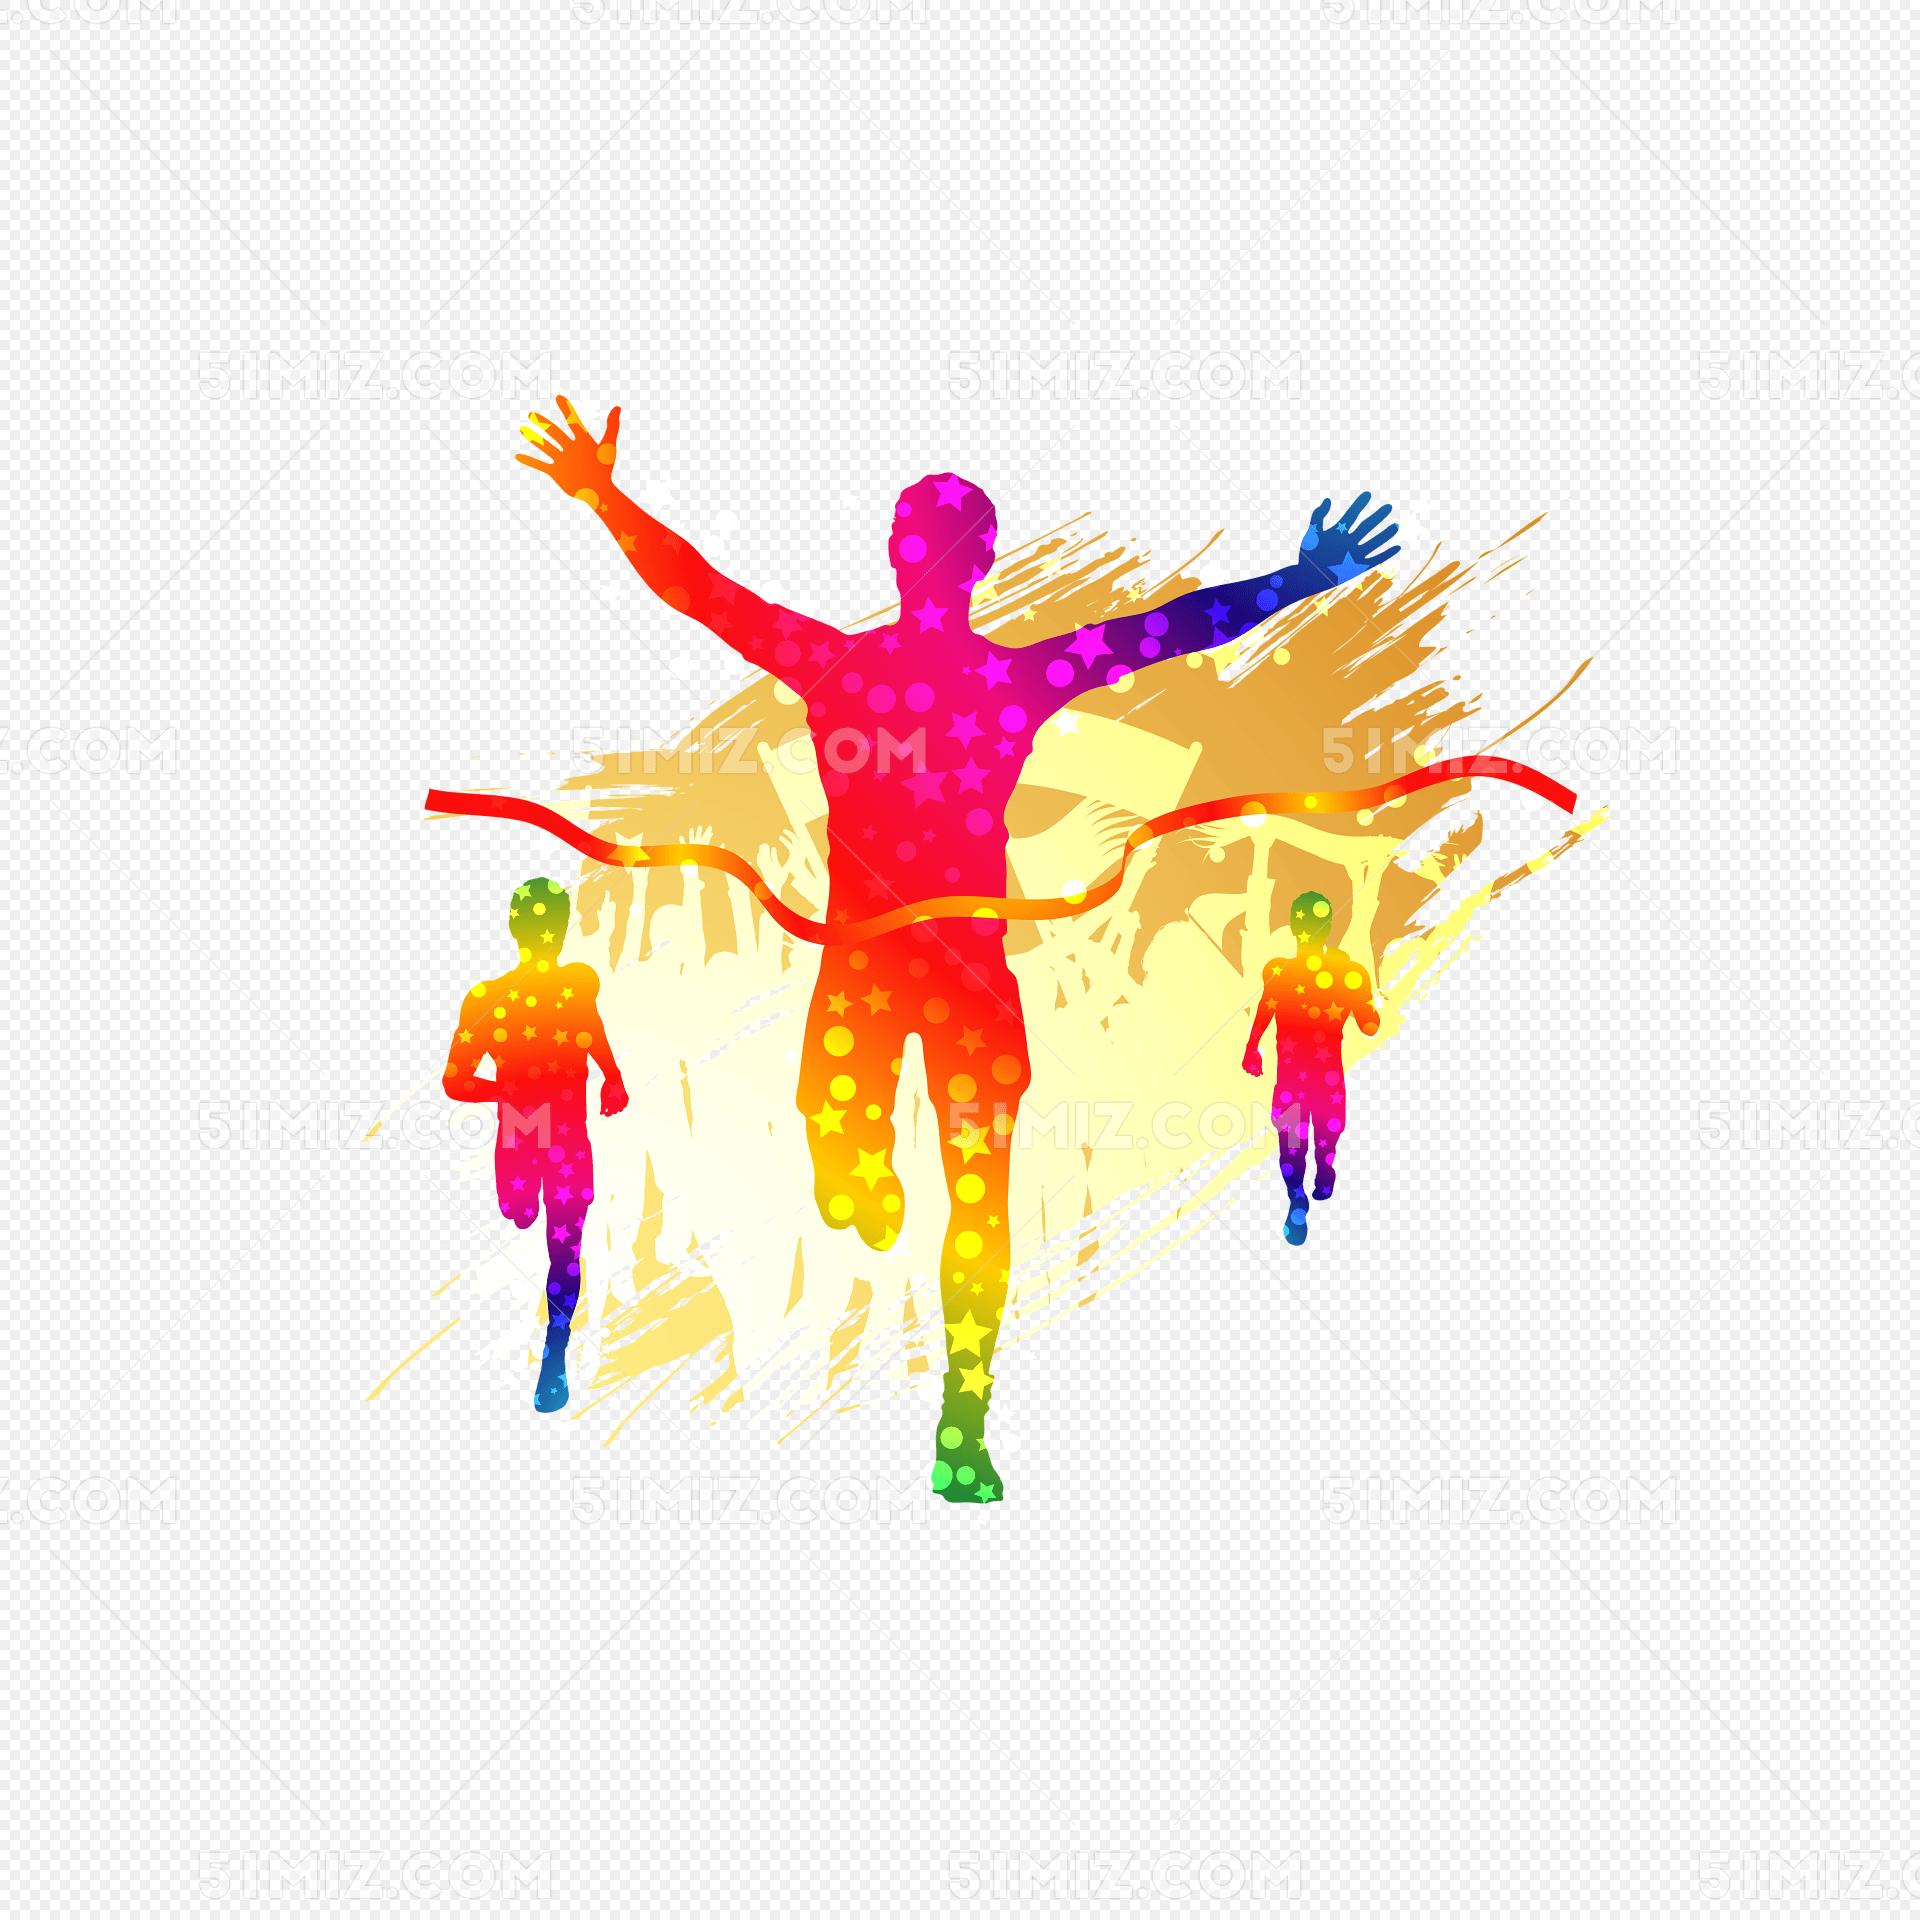 多彩卡通运动员冲刺免抠矢量图标签:运动员 百米冲刺 胜利 比赛 撞线